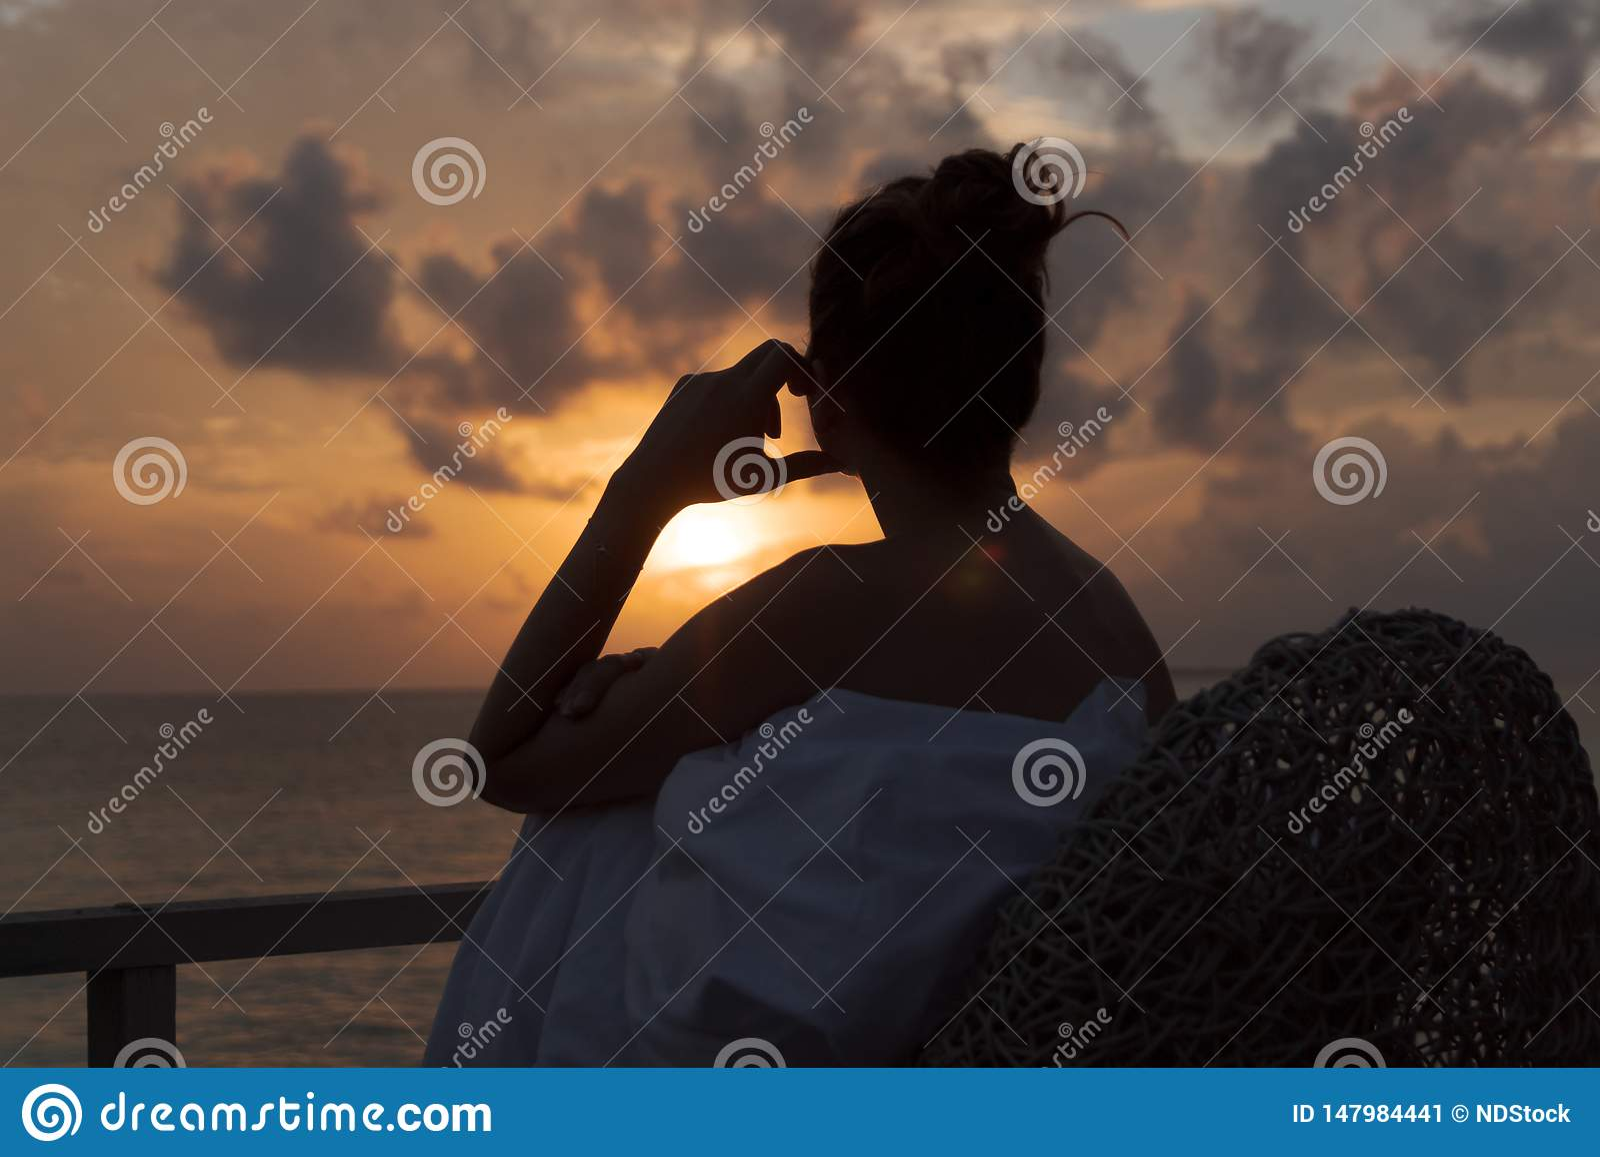 Sylwetka pi?kna kobieta kontempluje wsch?d s?o?ca od balkonu nad morzem